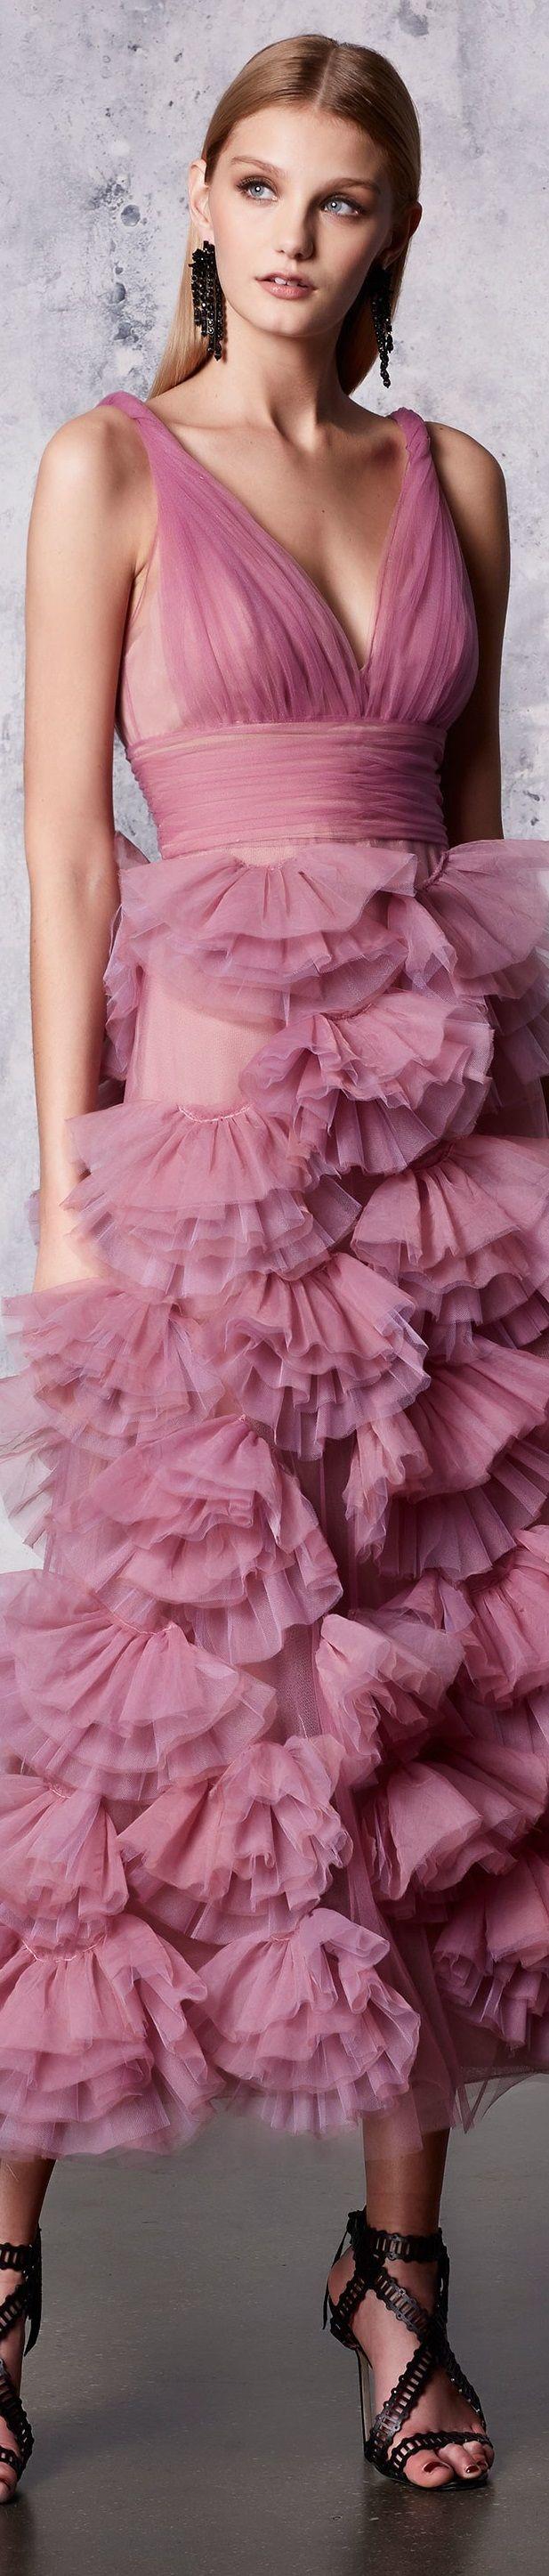 Vistoso Precioso Vestido Partido Componente - Ideas de Vestido para ...